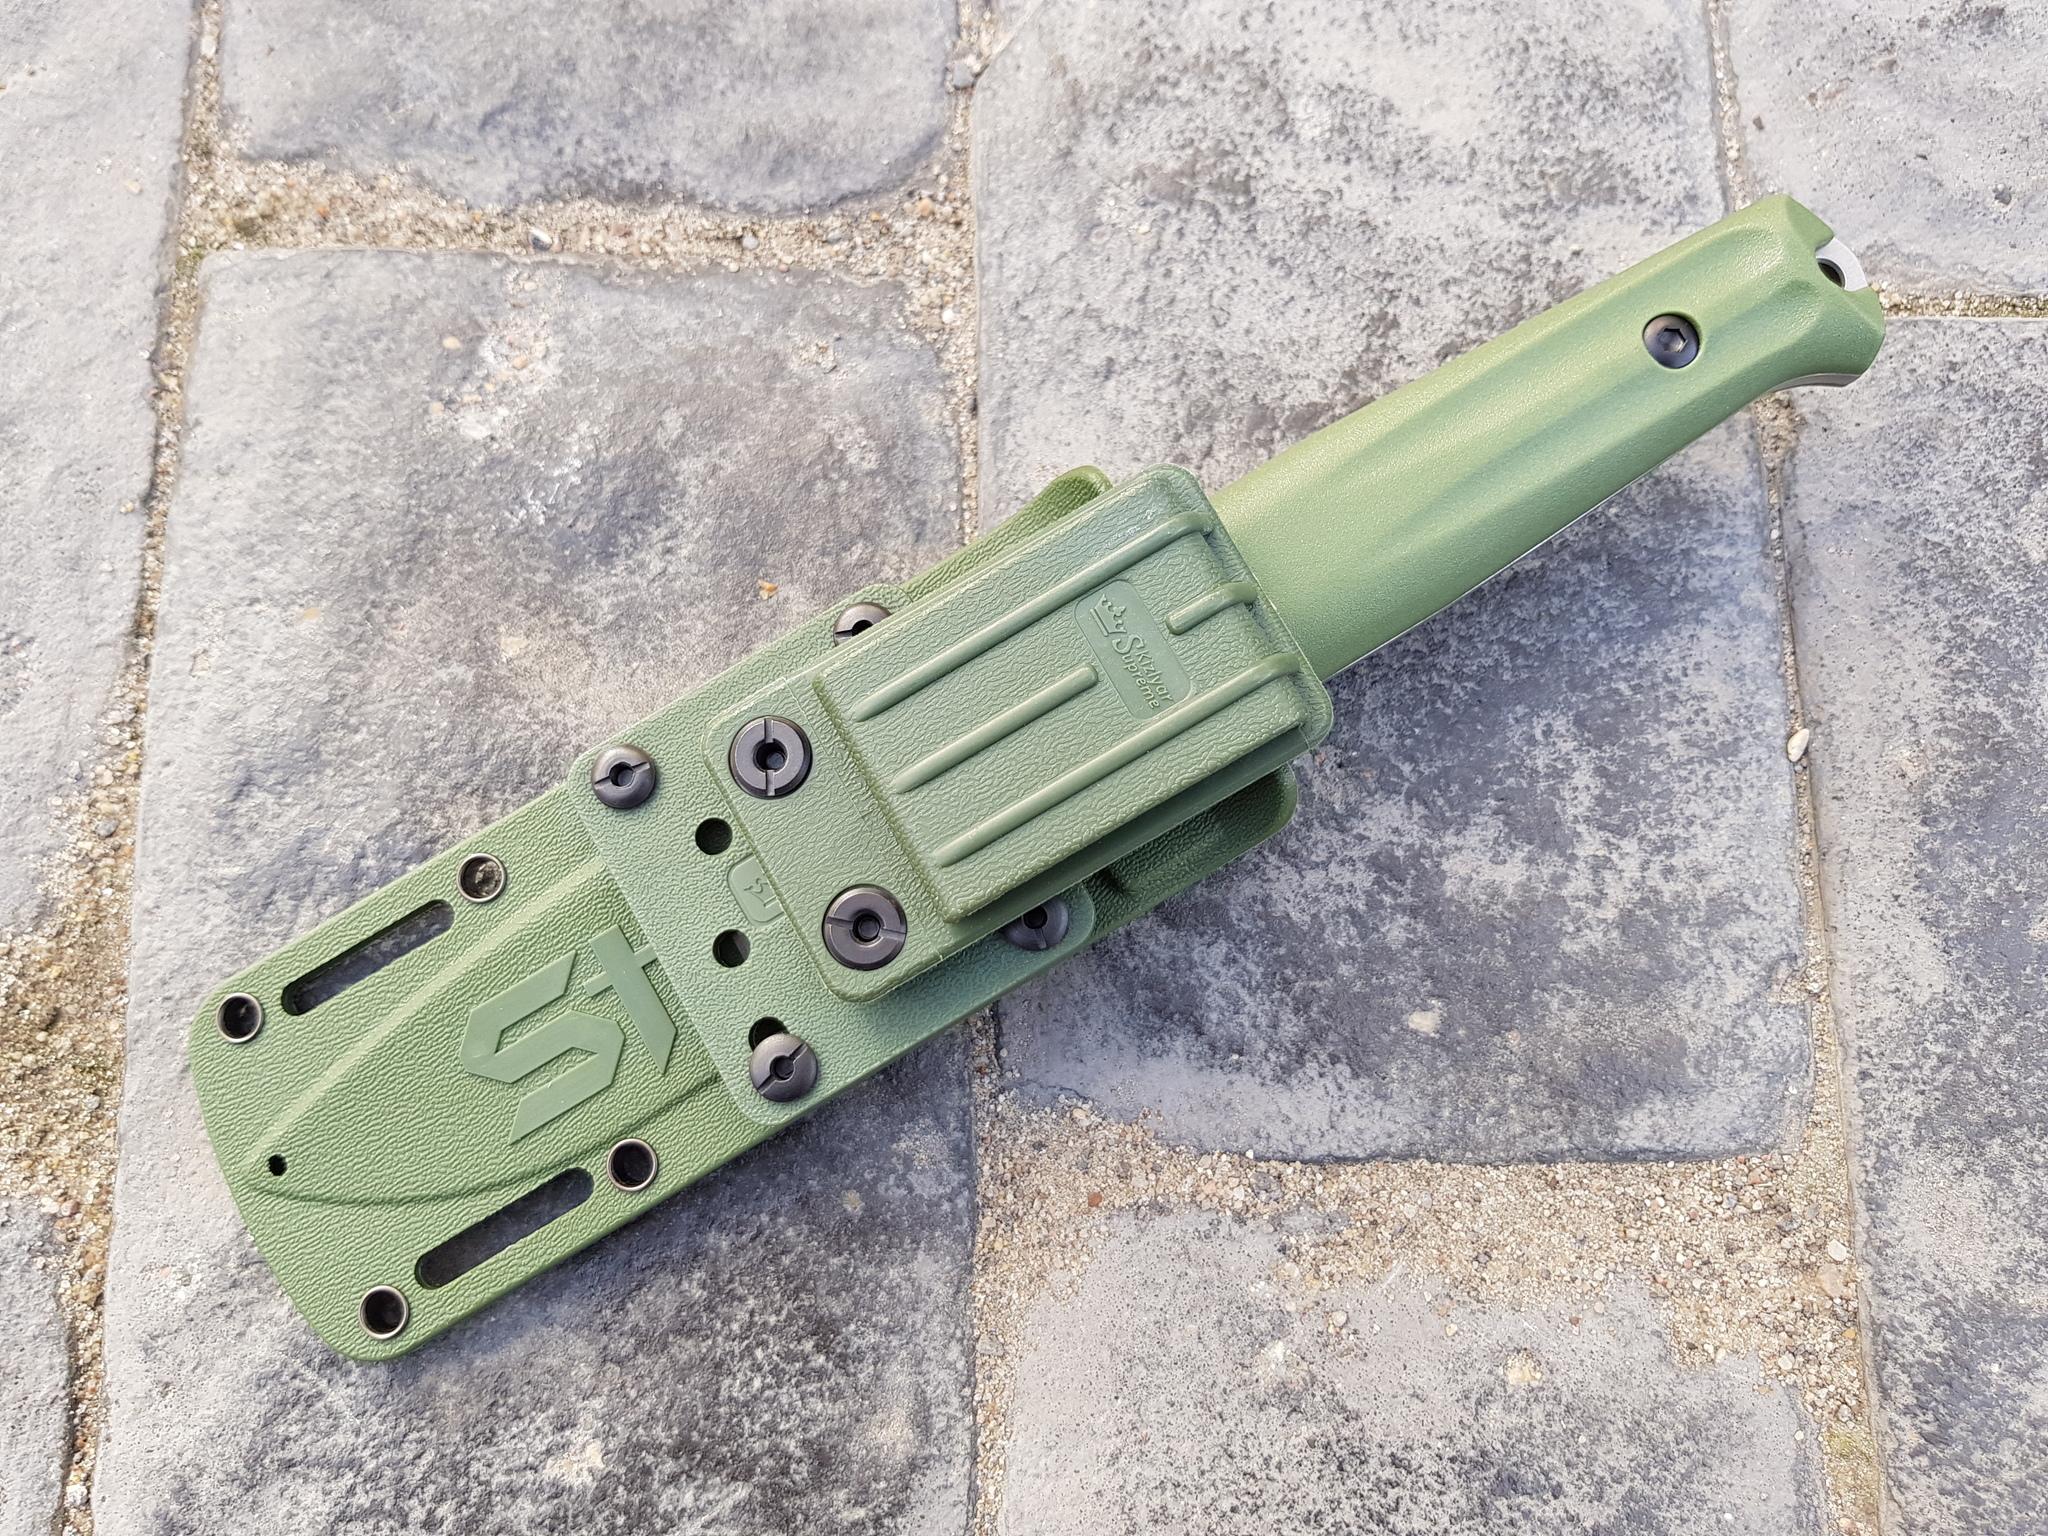 Фото 14 - Тактический нож Sturm AUS-8 S BS SW олива, Кизляр от Kizlyar Supreme